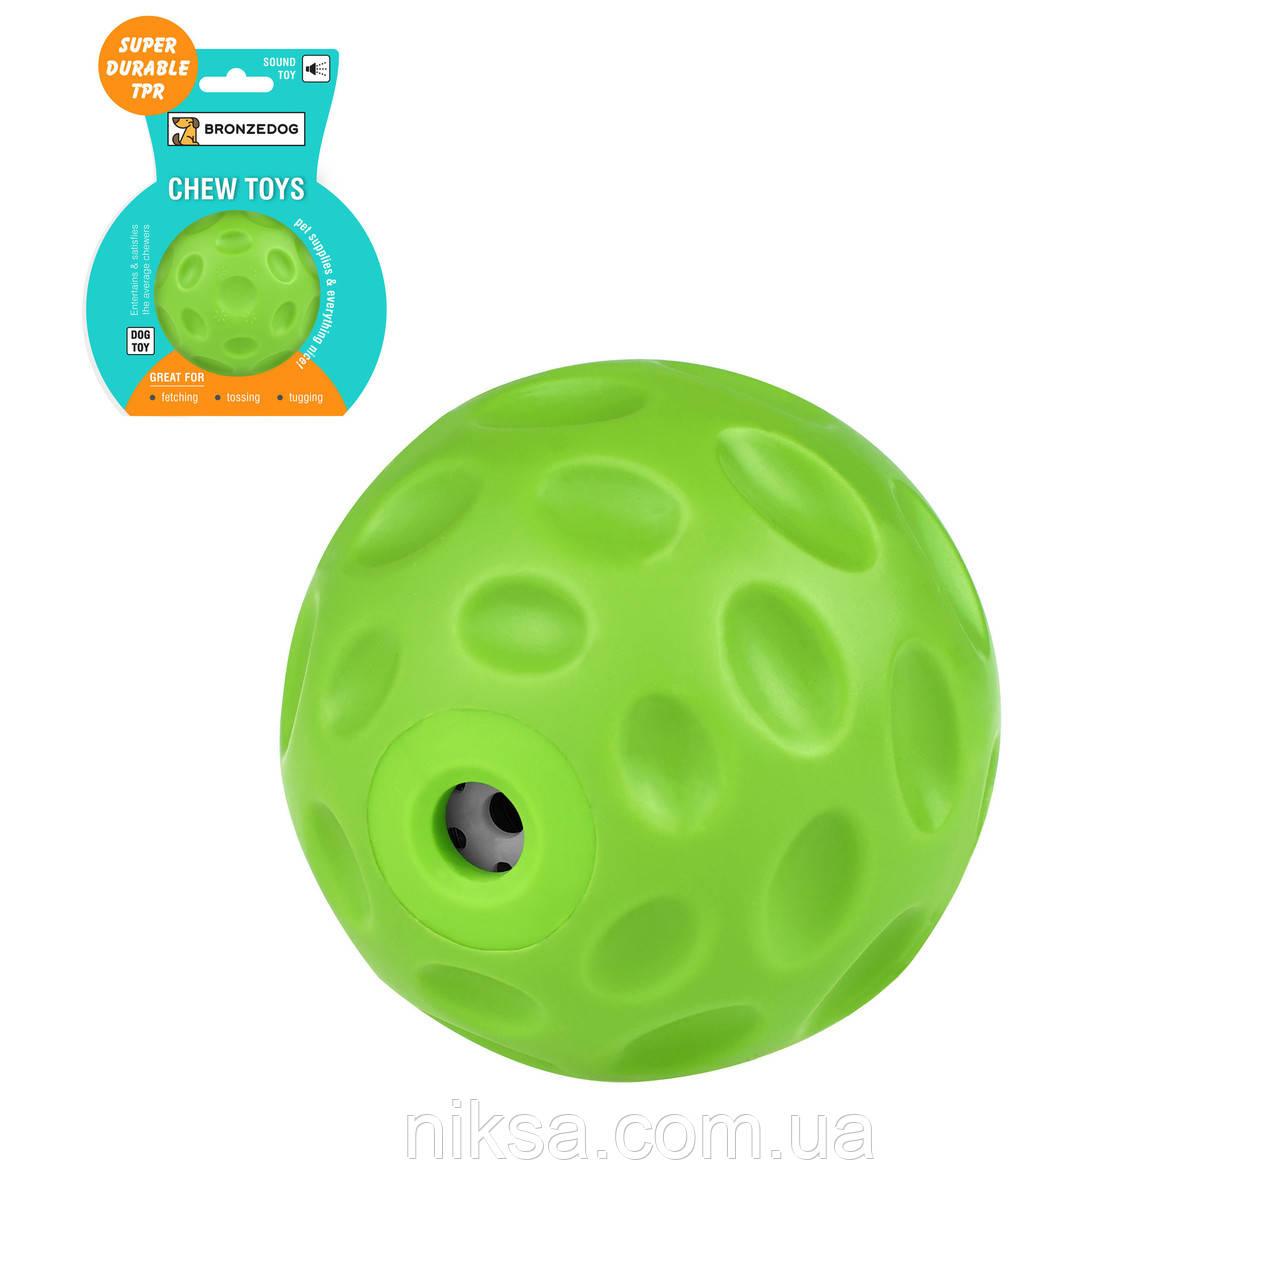 """Игрушка для собак плавающая """"Звуковой мяч"""" зеленый 7 см серия FLOAT """"Bronzedog"""""""